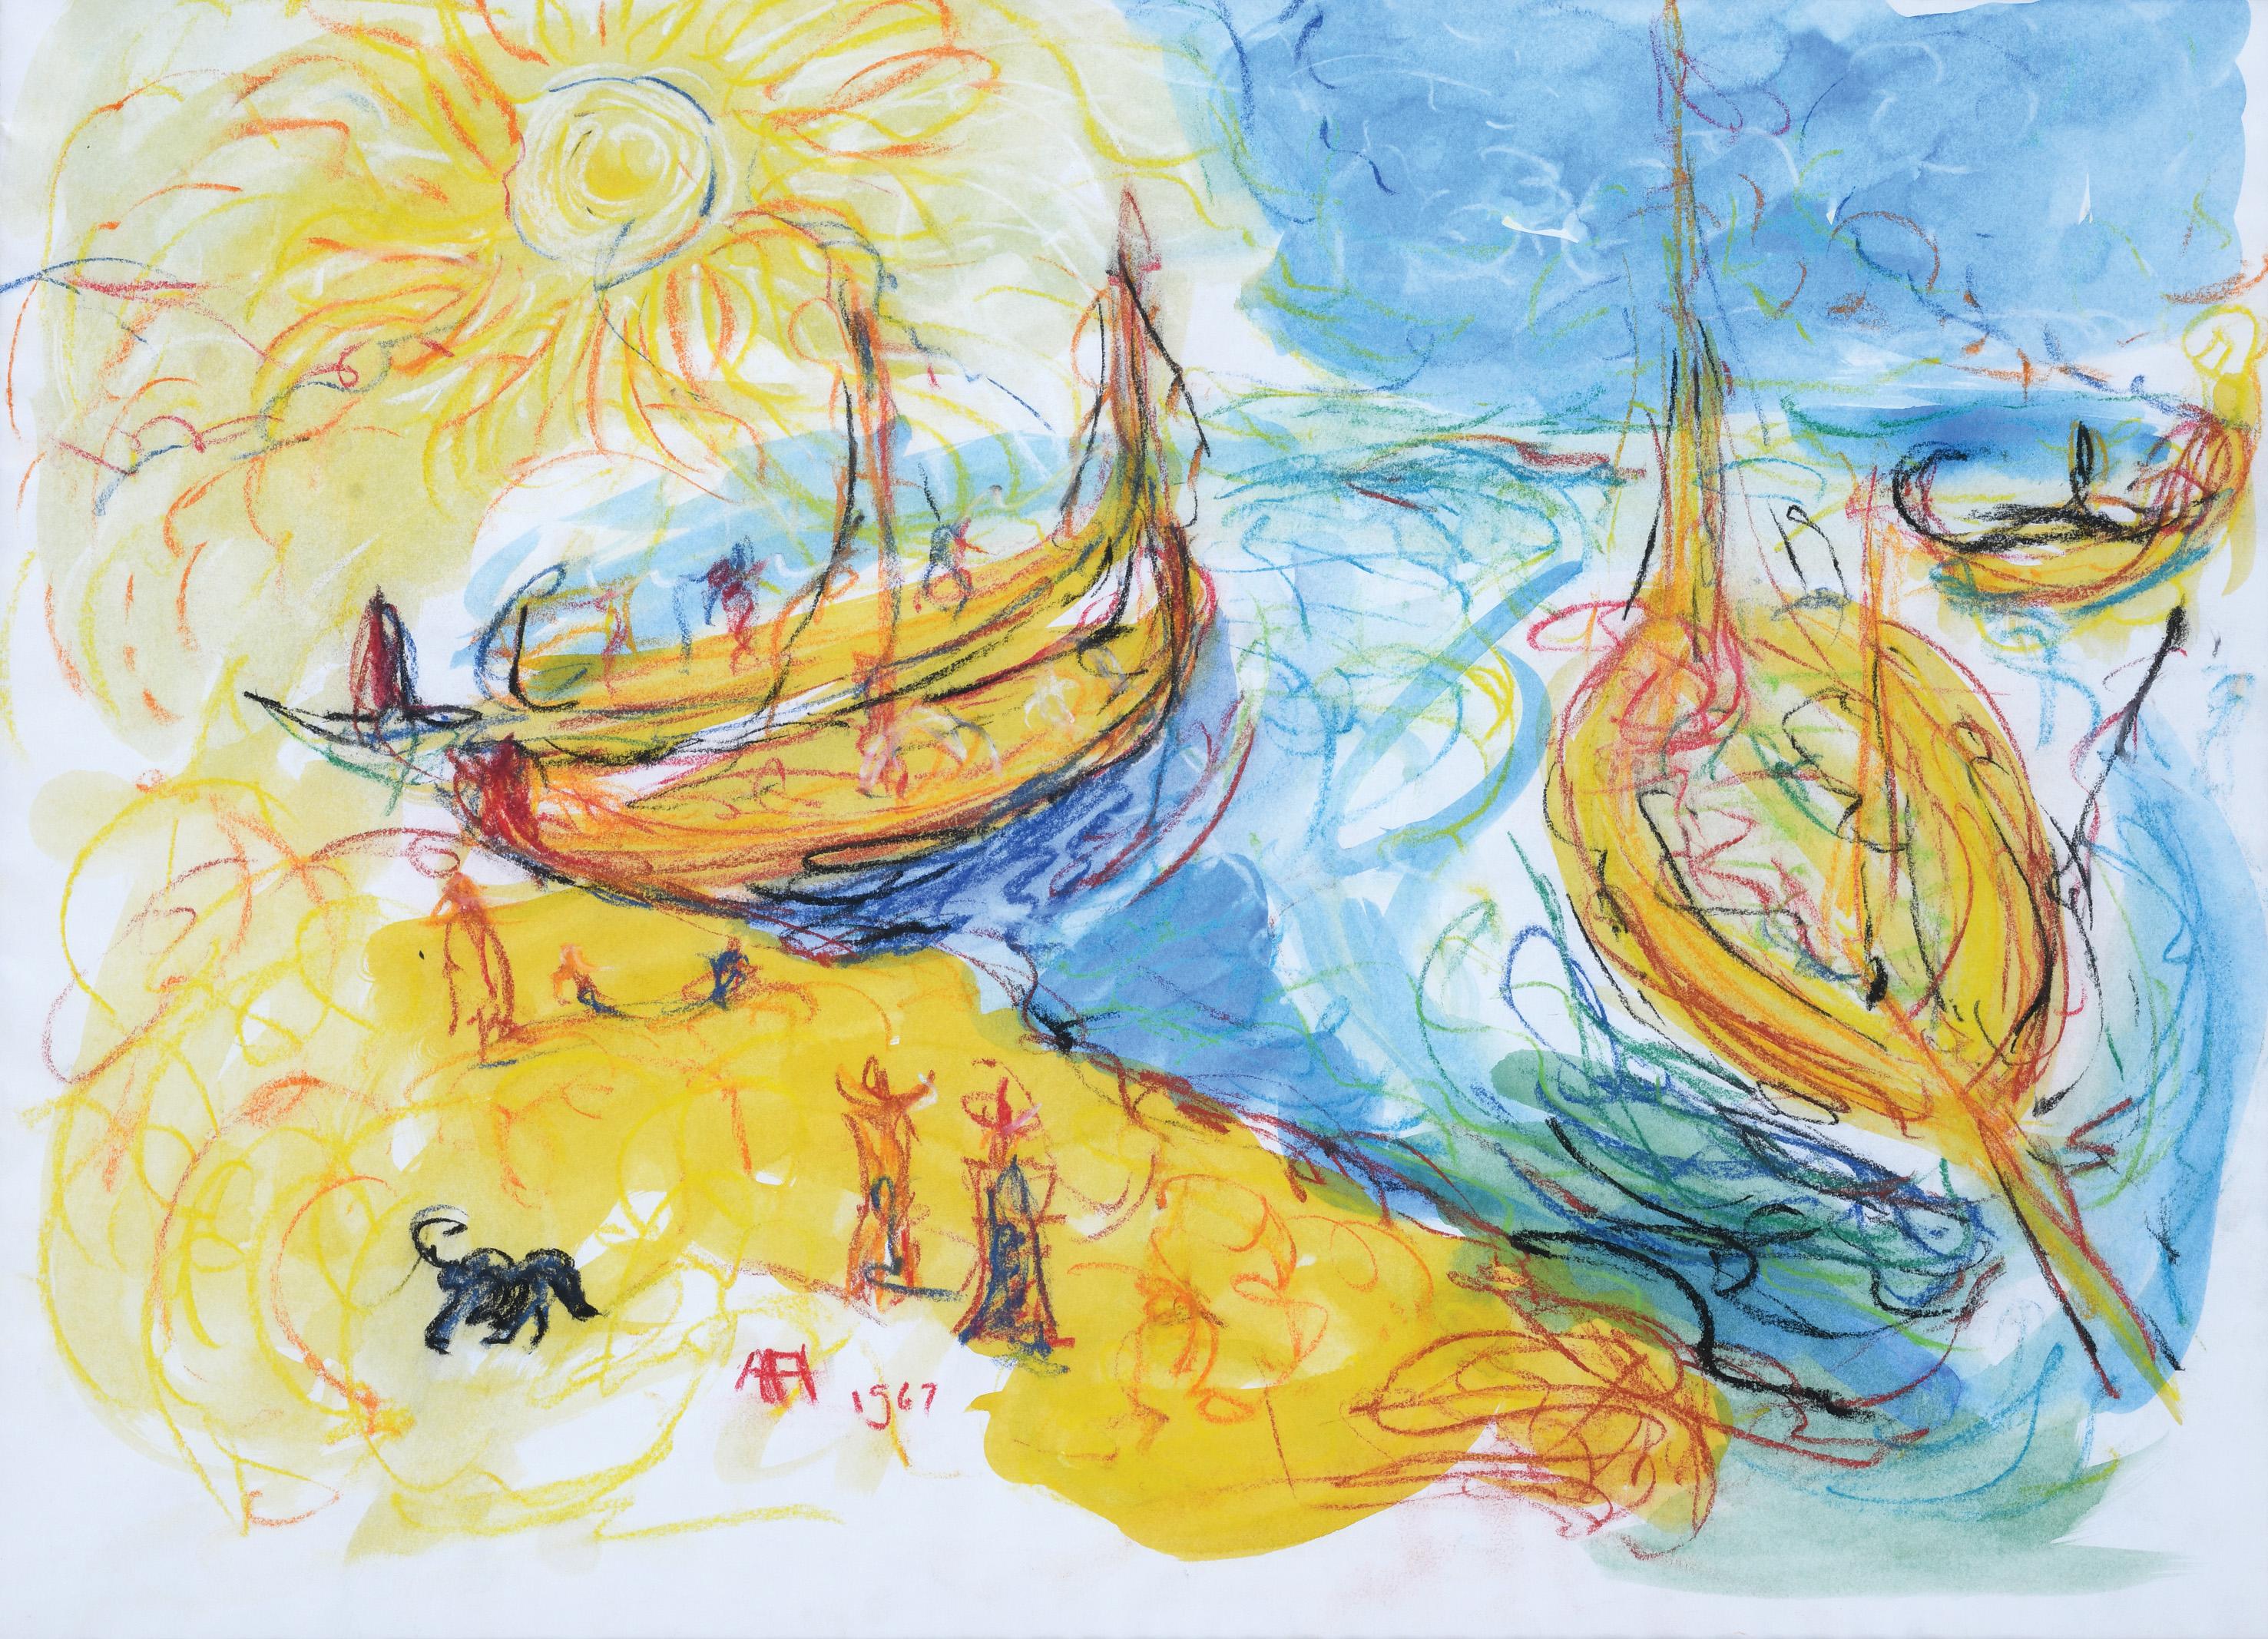 Affandi, Boats, 1967, 43 x 59 cm